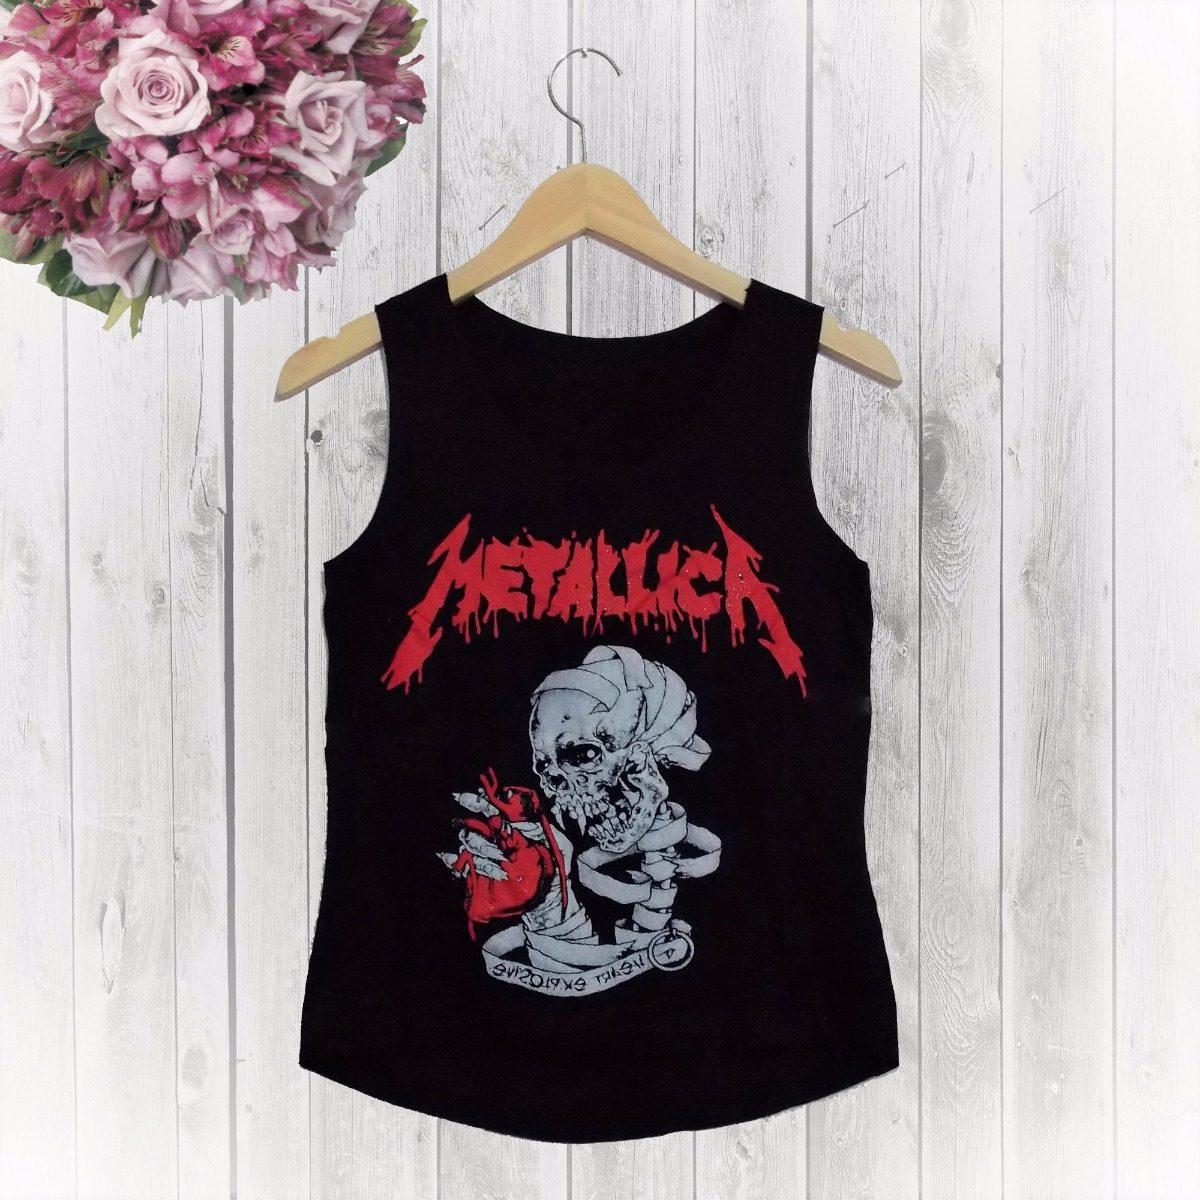 camiseta regata feminina atitude rock metallica. Carregando zoom. c81483cd9ef